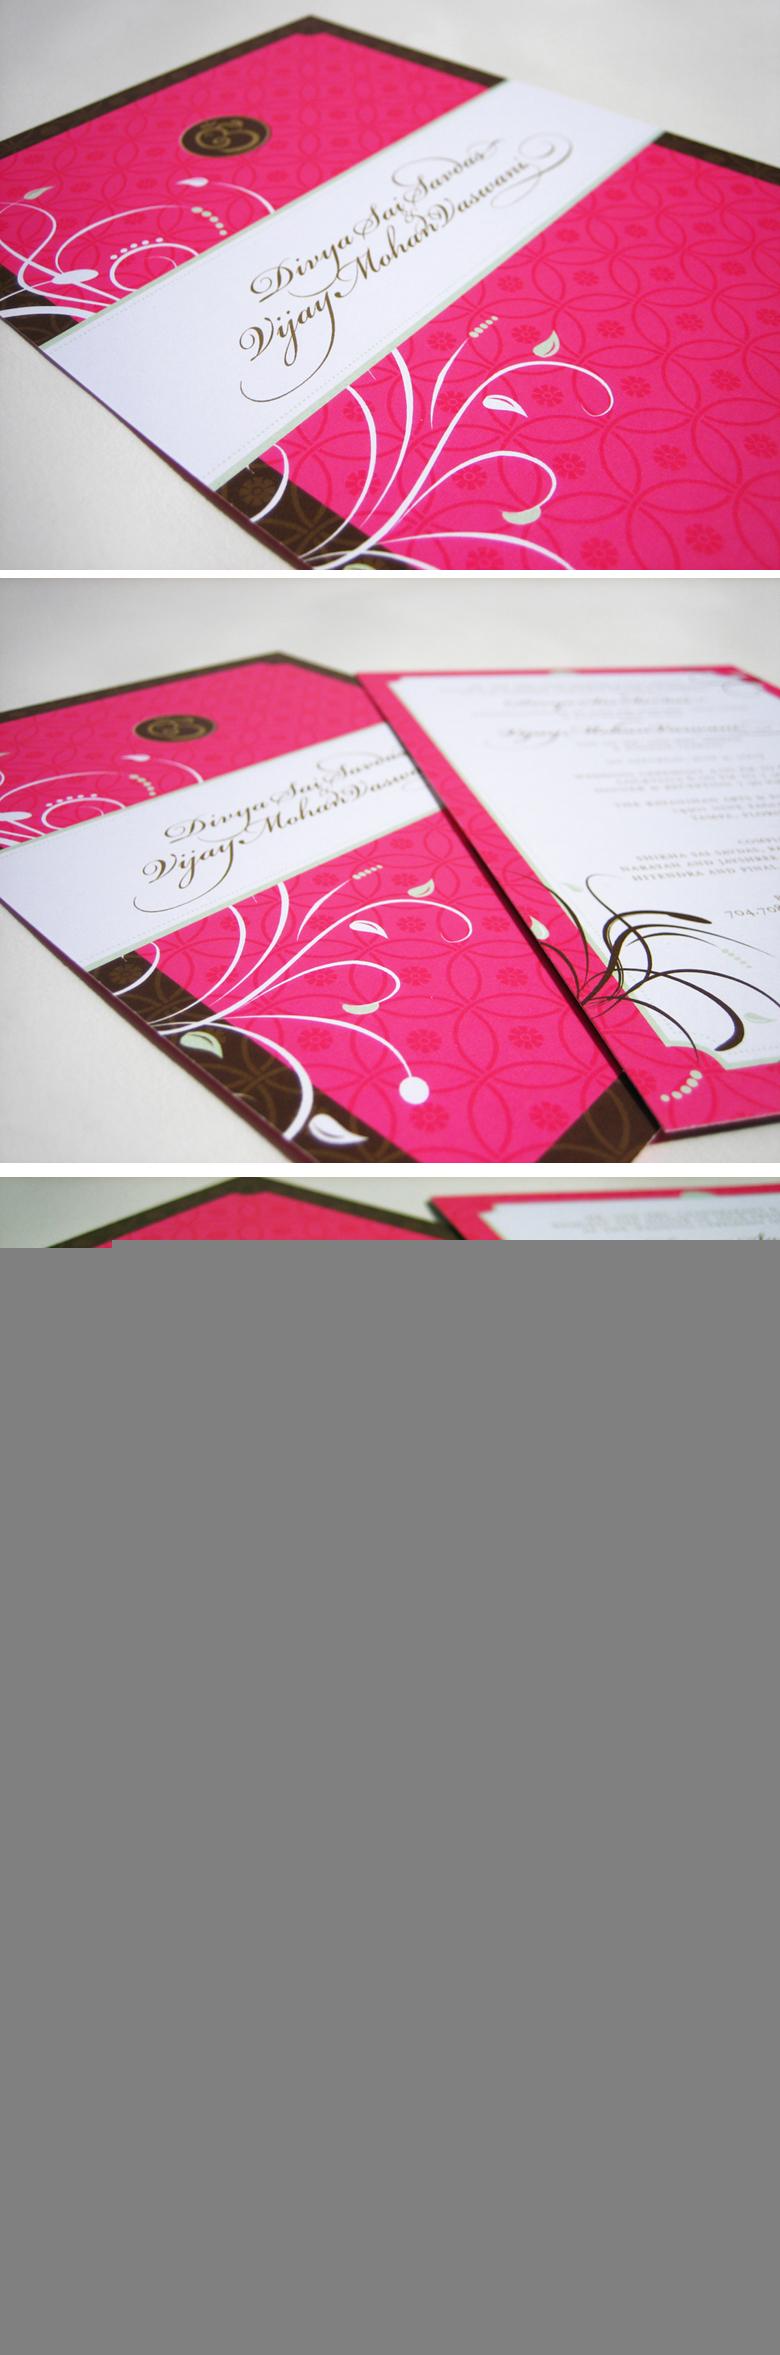 Invite 1 copy